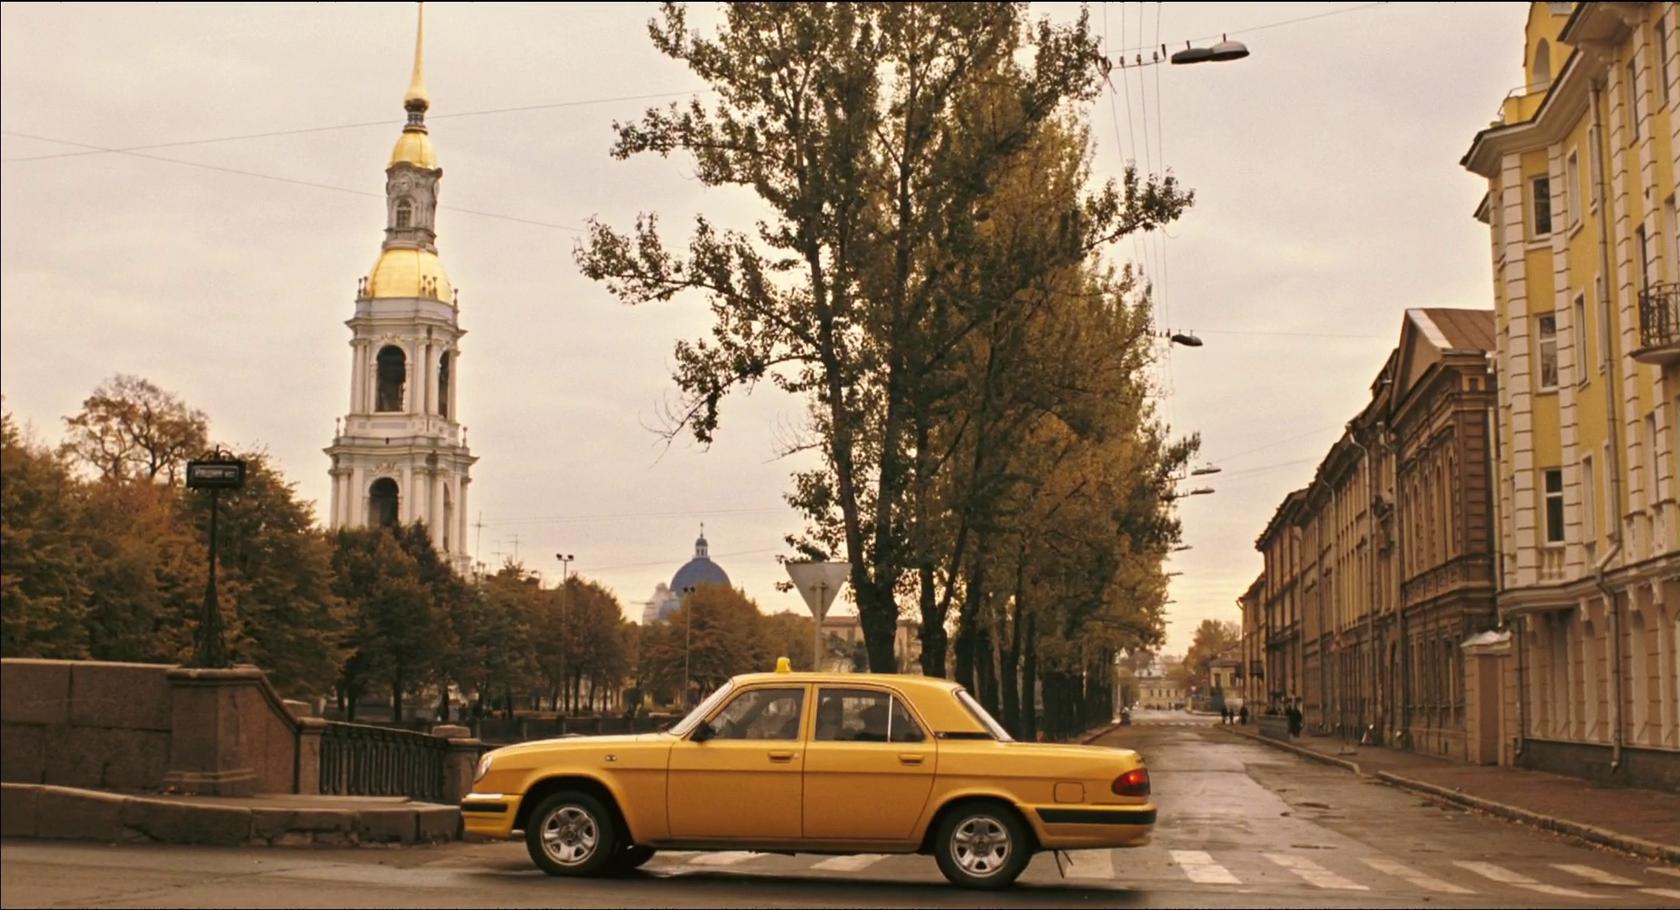 На углу Кашина моста и набережной Крюкова канала Лундгрен выходит из такси и впервые шагает по Петербургу на своих двоих.